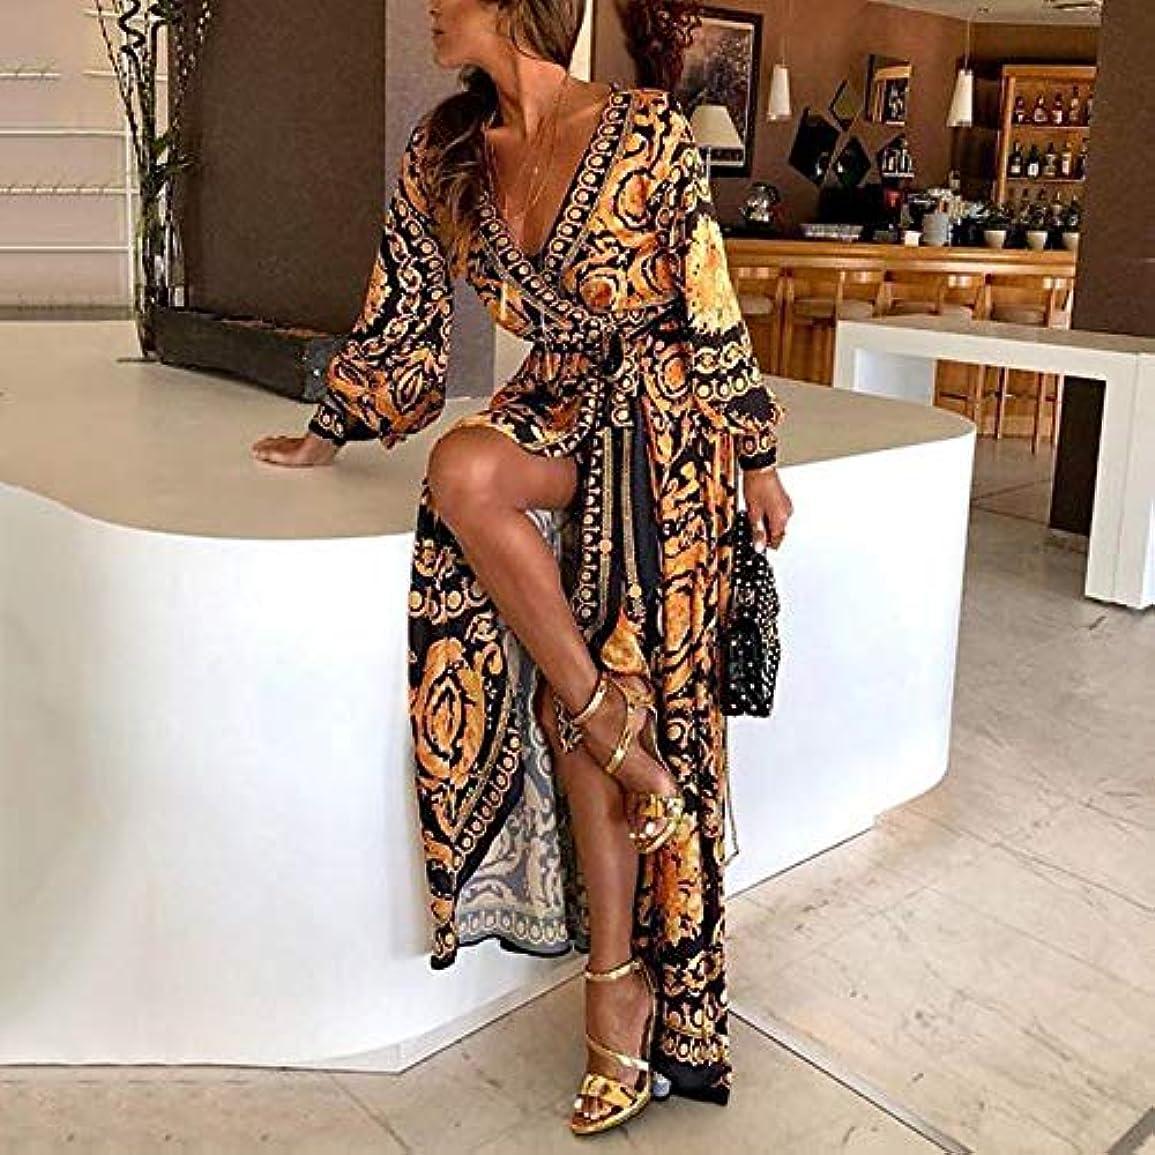 見えないピニオン勝利したOnderroa - ファッションエレガントな女性のセクシーなボートネックグリッターディープVネックドレスパーティーフォーマルロングドレスを印刷